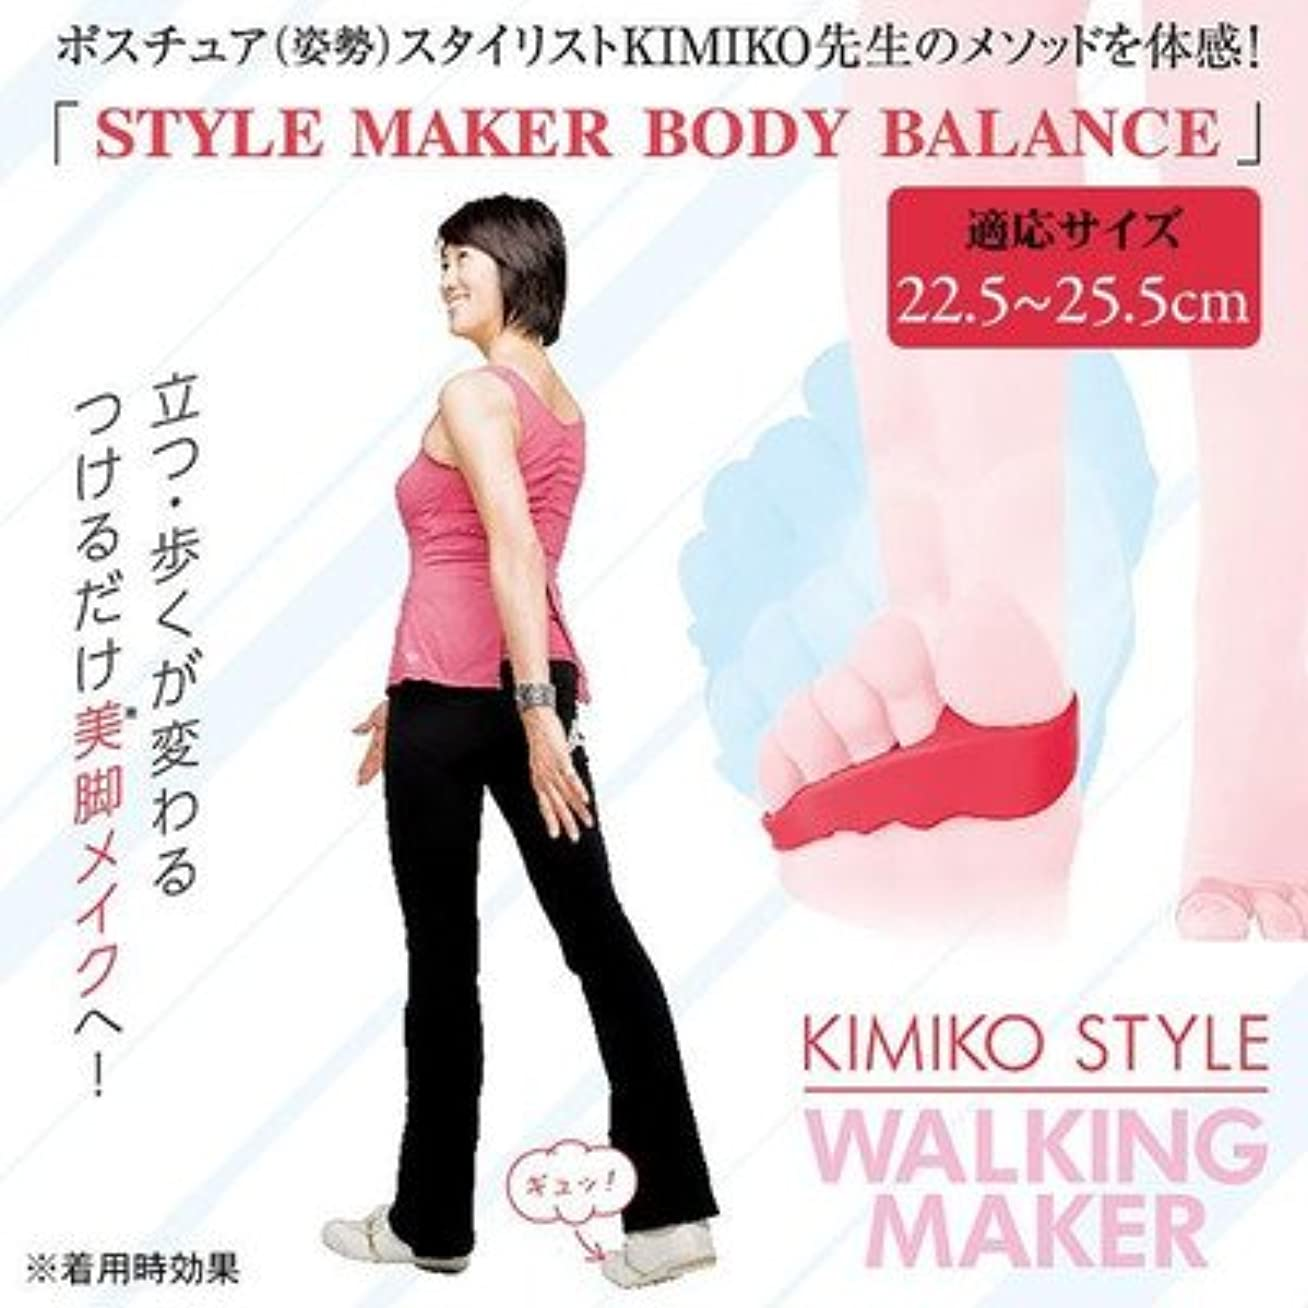 口径シエスタ援助付けて歩いて 正しい歩行姿勢へナビゲート KIMIKO STYLE キミコスタイル WALKING MAKER ウォーキングメーカー 1足入